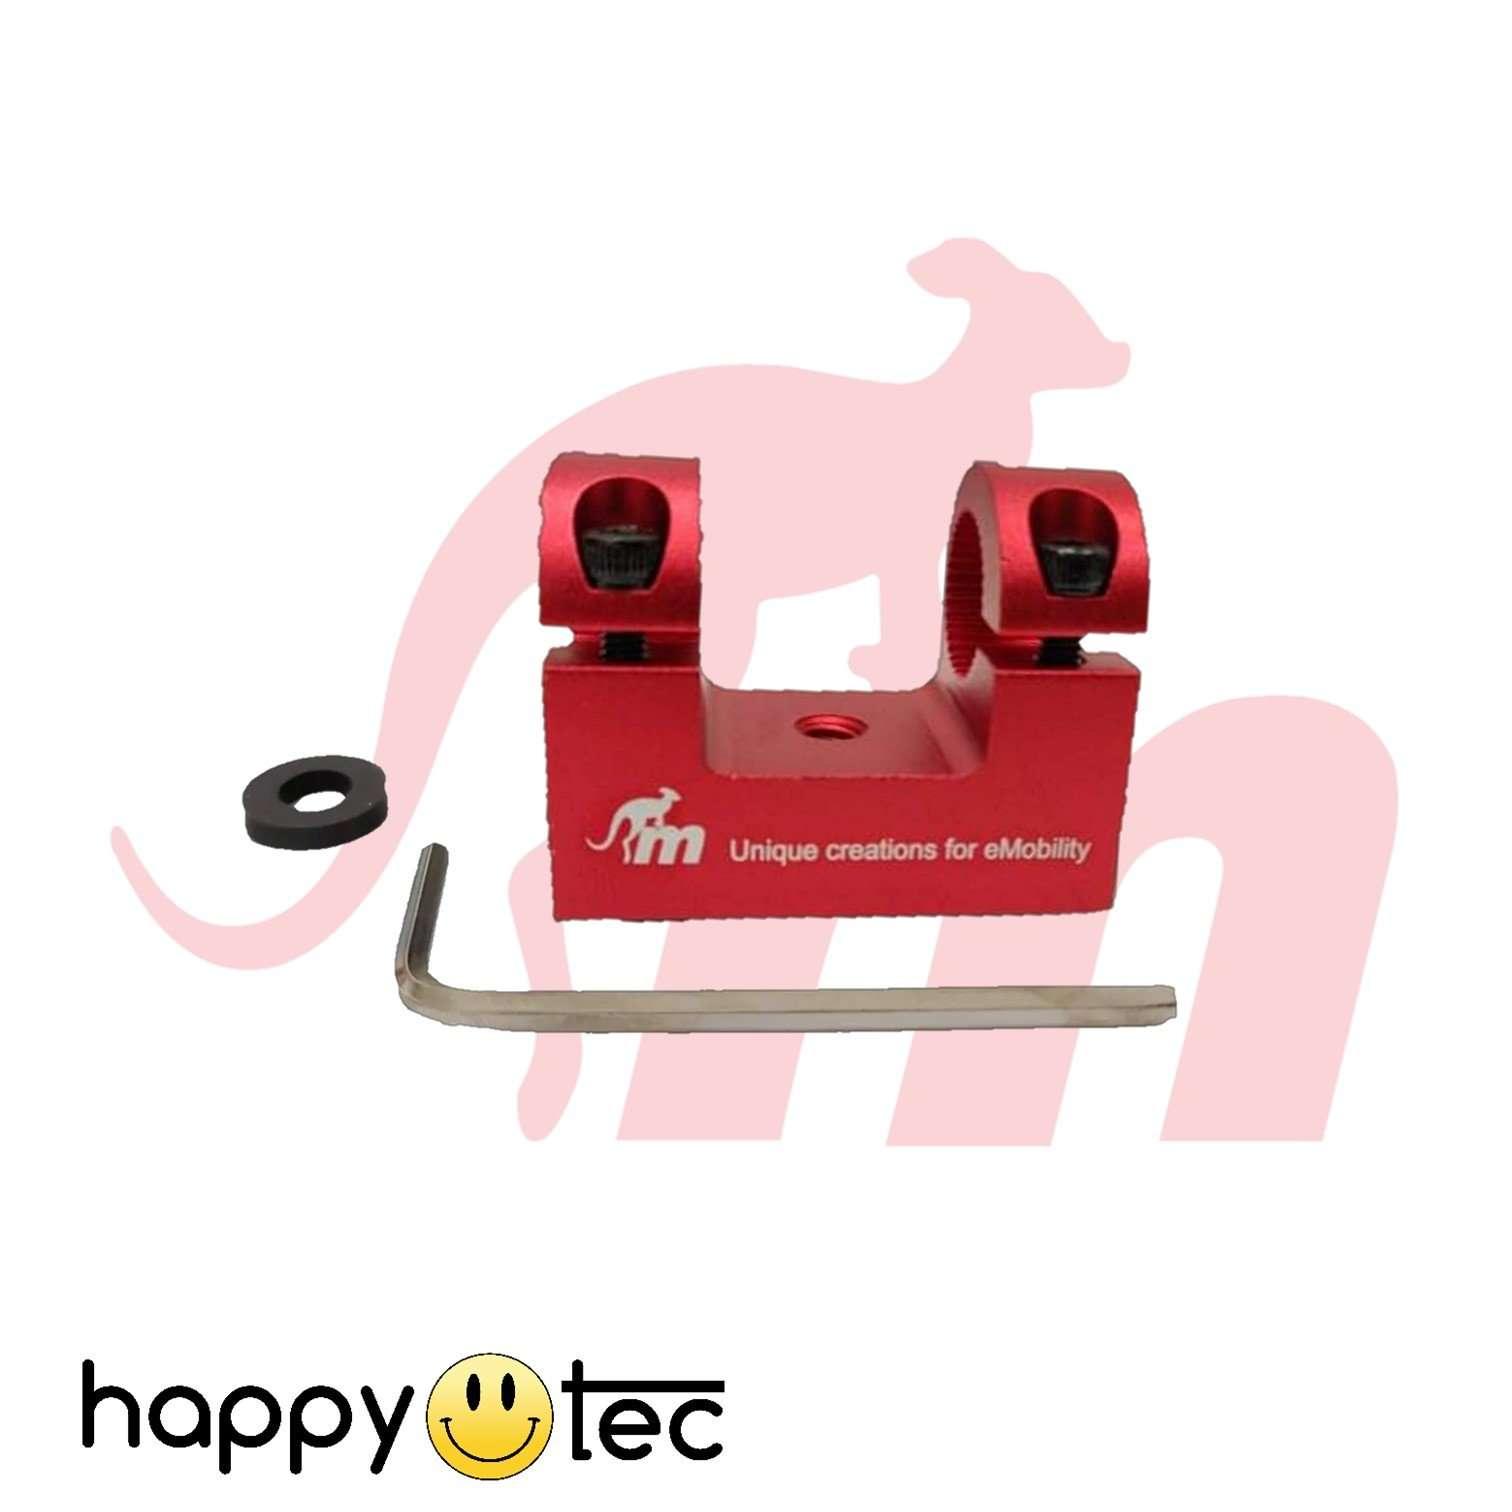 Supporto parafango anteriore per ammortizzatore Ninebot G30 Max (Rosso)